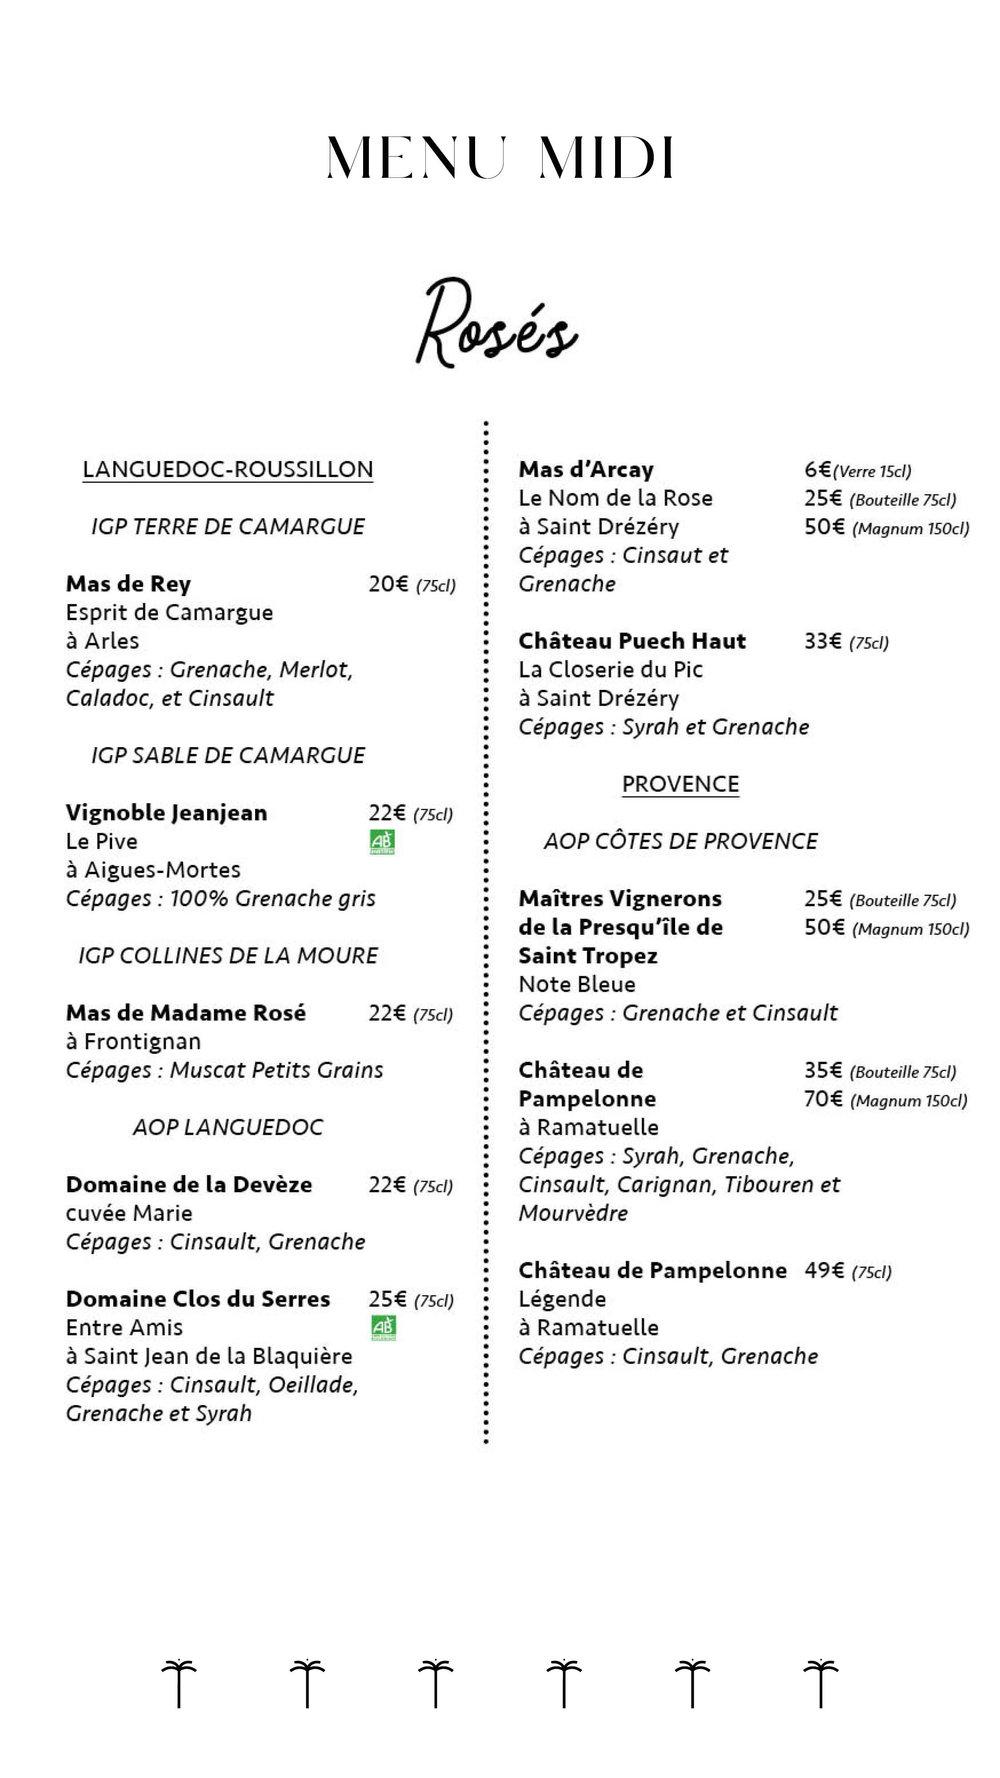 menus totem5.jpg